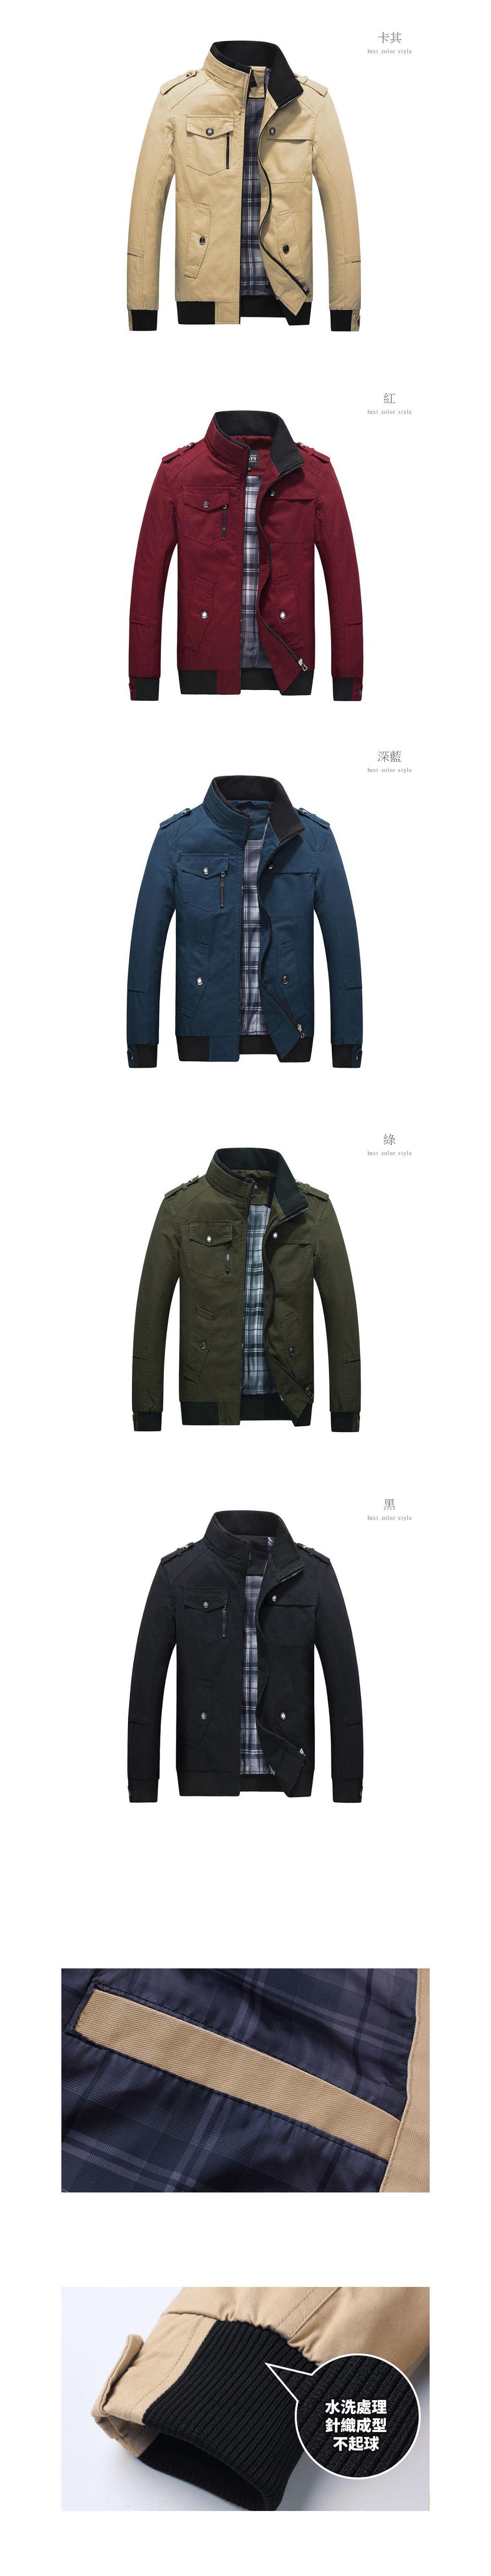 休閒風格單品.羅紋袖設計立領夾克外套